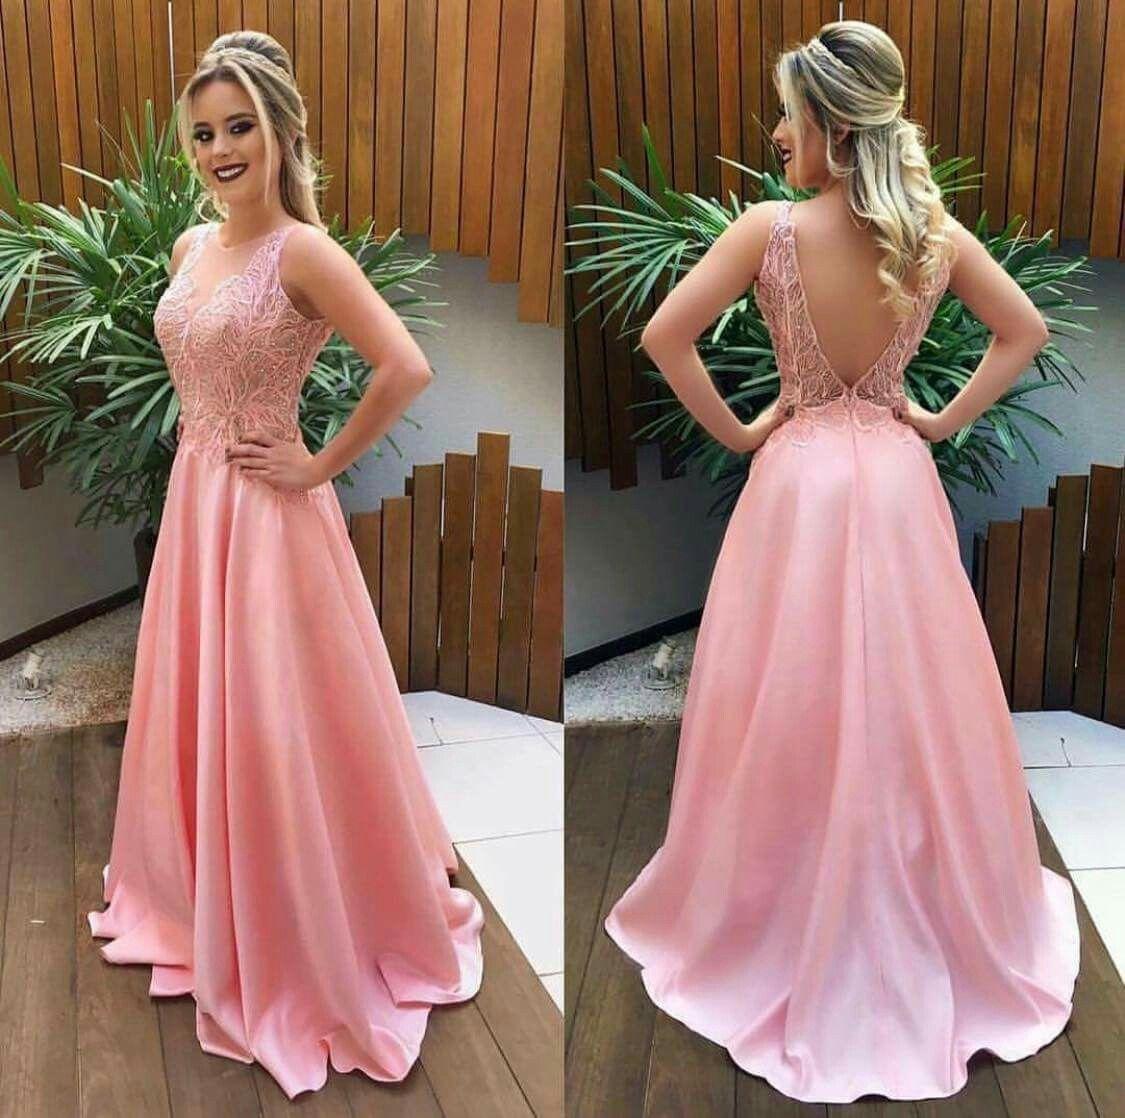 Vestido para madrinhas   Roupas   Pinterest   Vestidos, Prom and ...